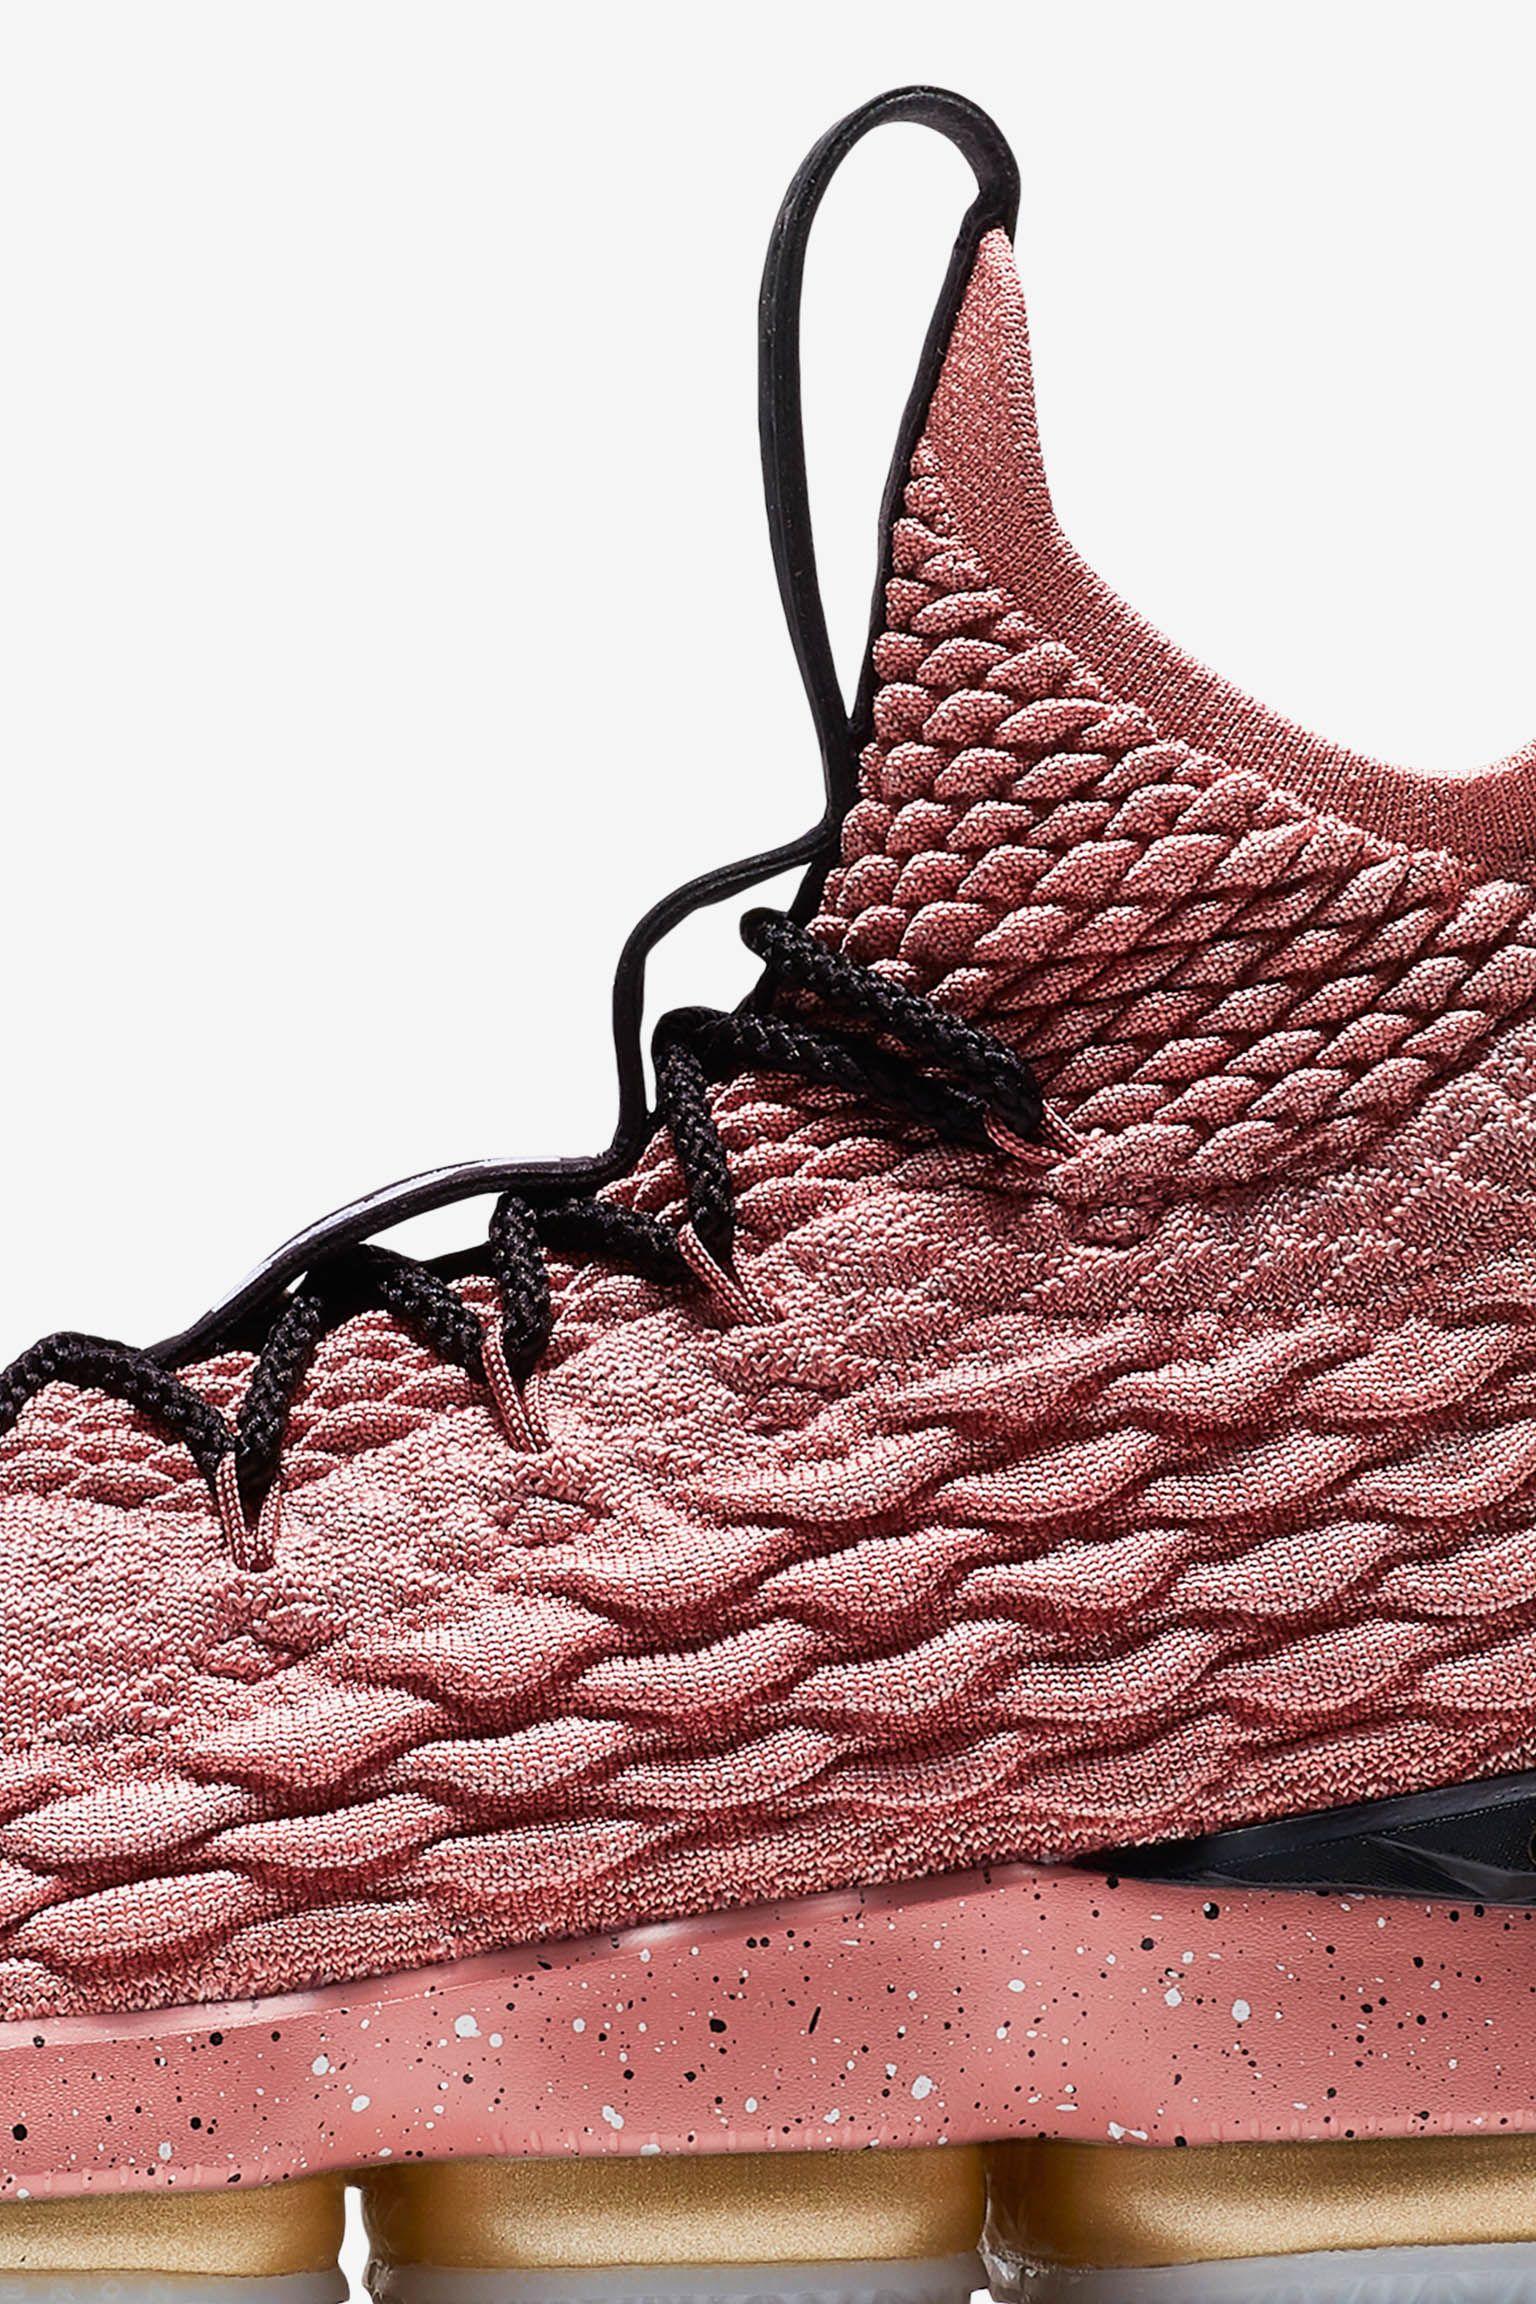 Nike Lebron 15 'Rust Pink & Metallic Gold' Release Date